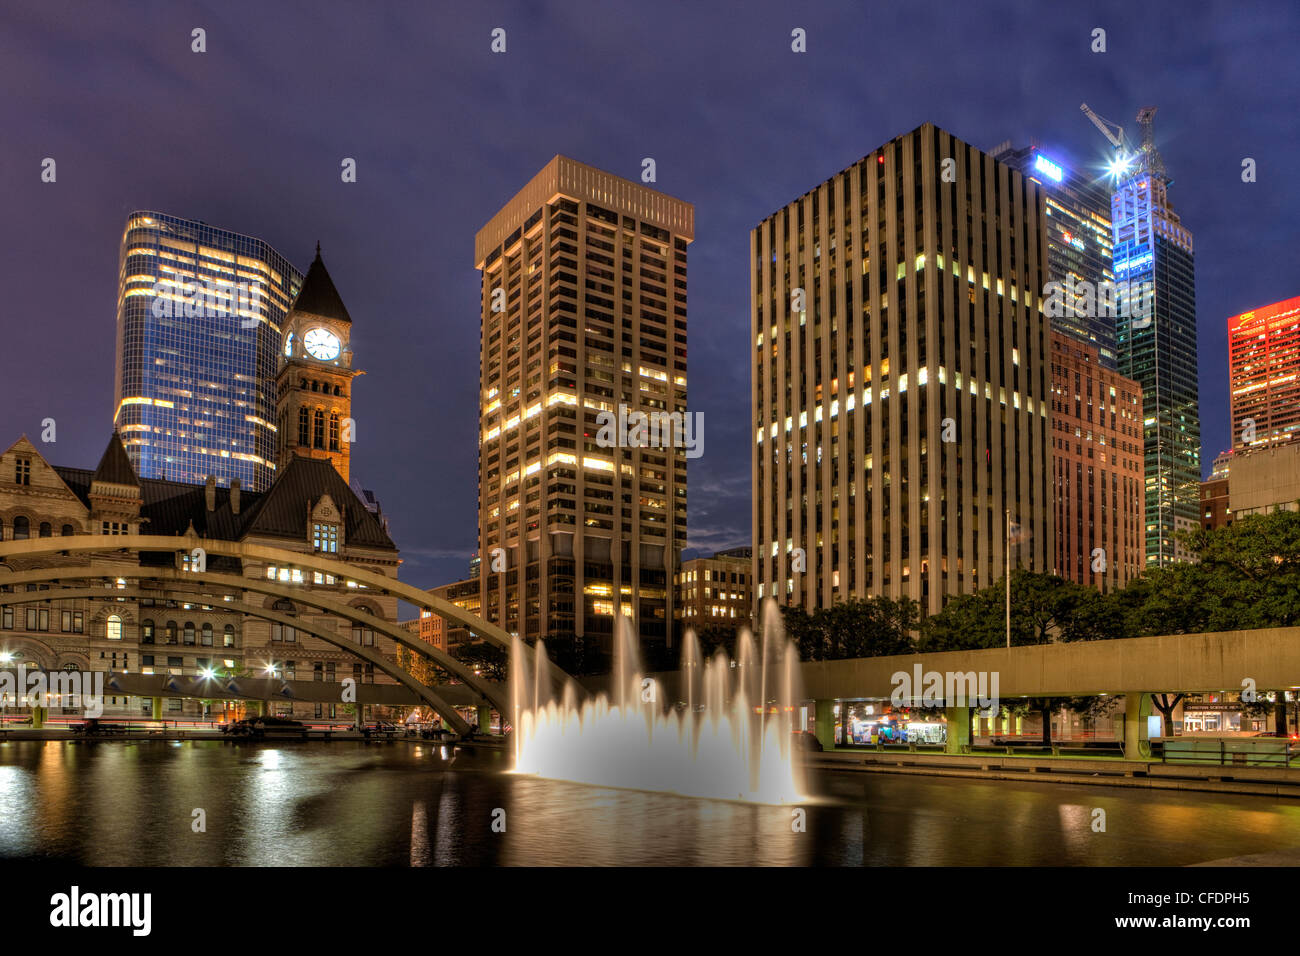 Notte, Vecchio Municipio e Municipio piscina, centro di Toronto, Ontario, Canada Immagini Stock